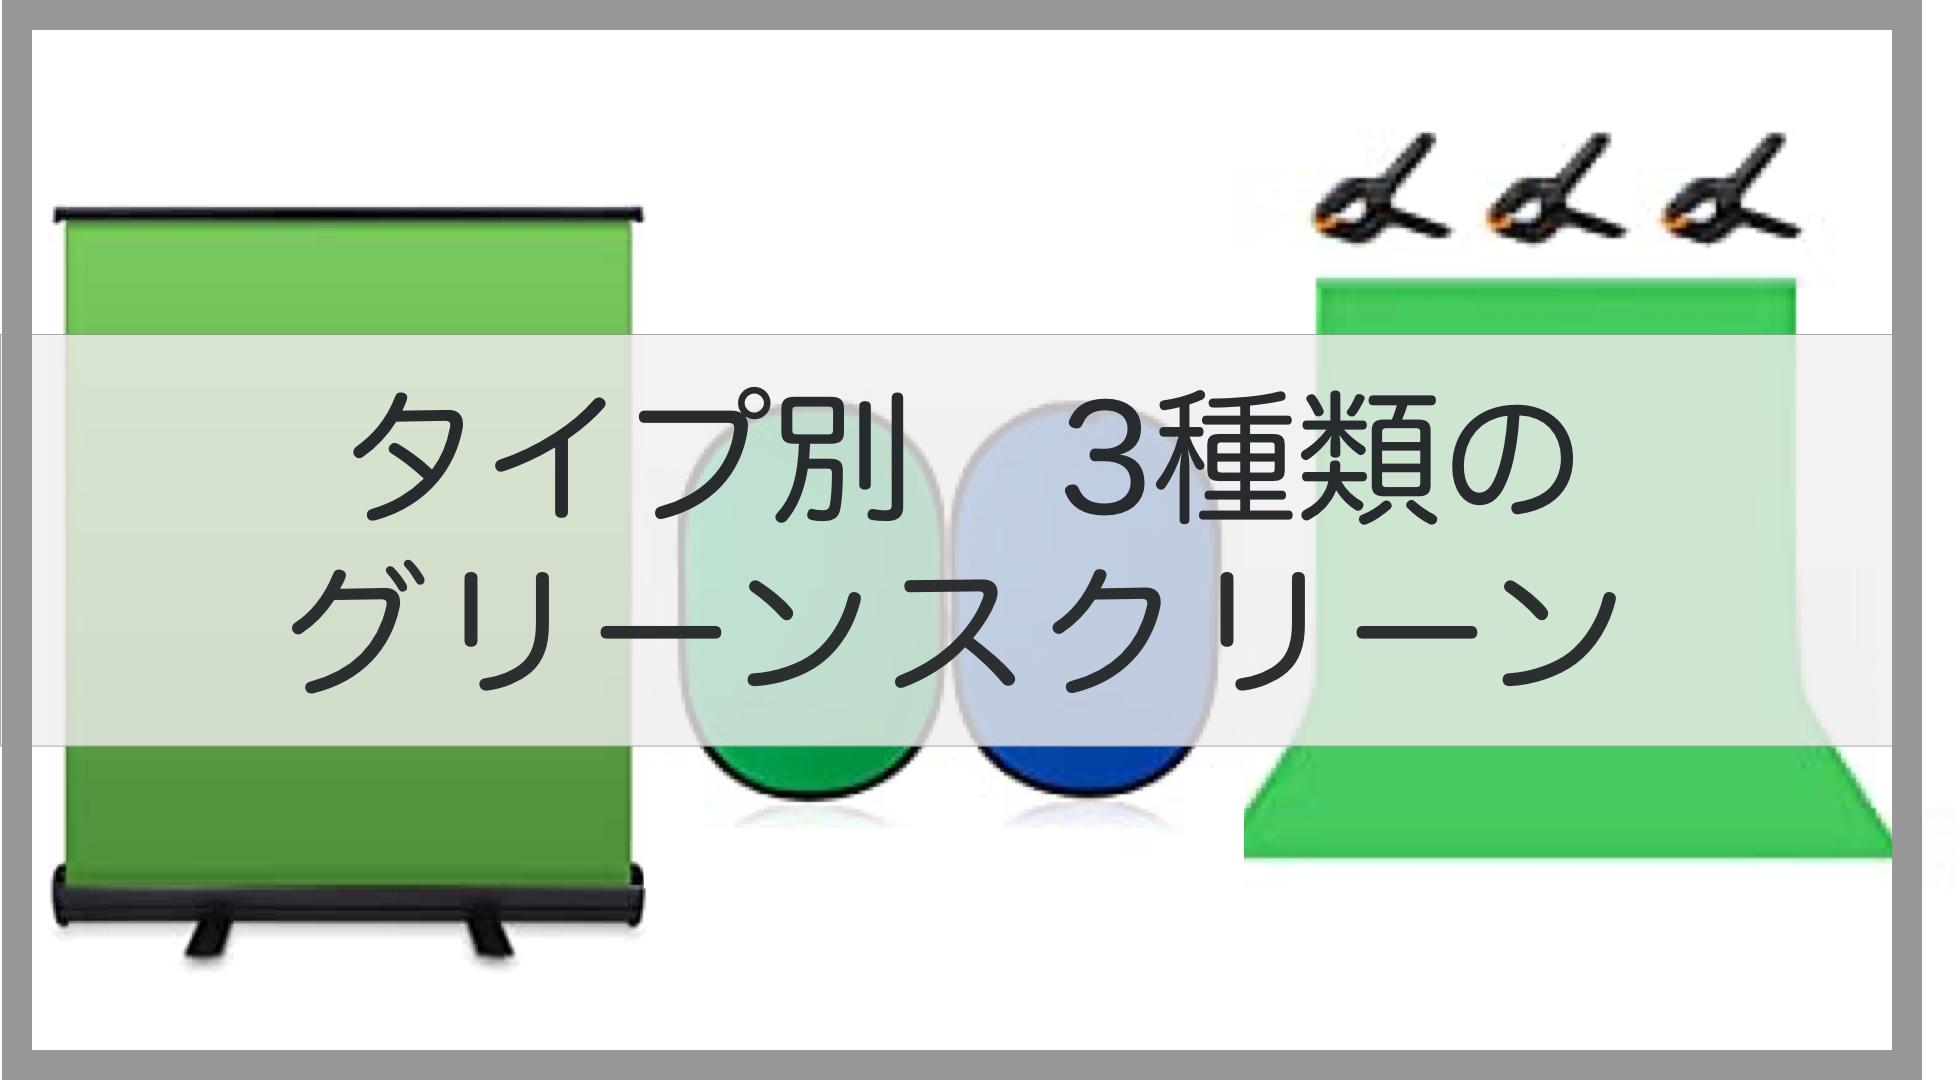 タイプ別3種類のグリーンスクリーン